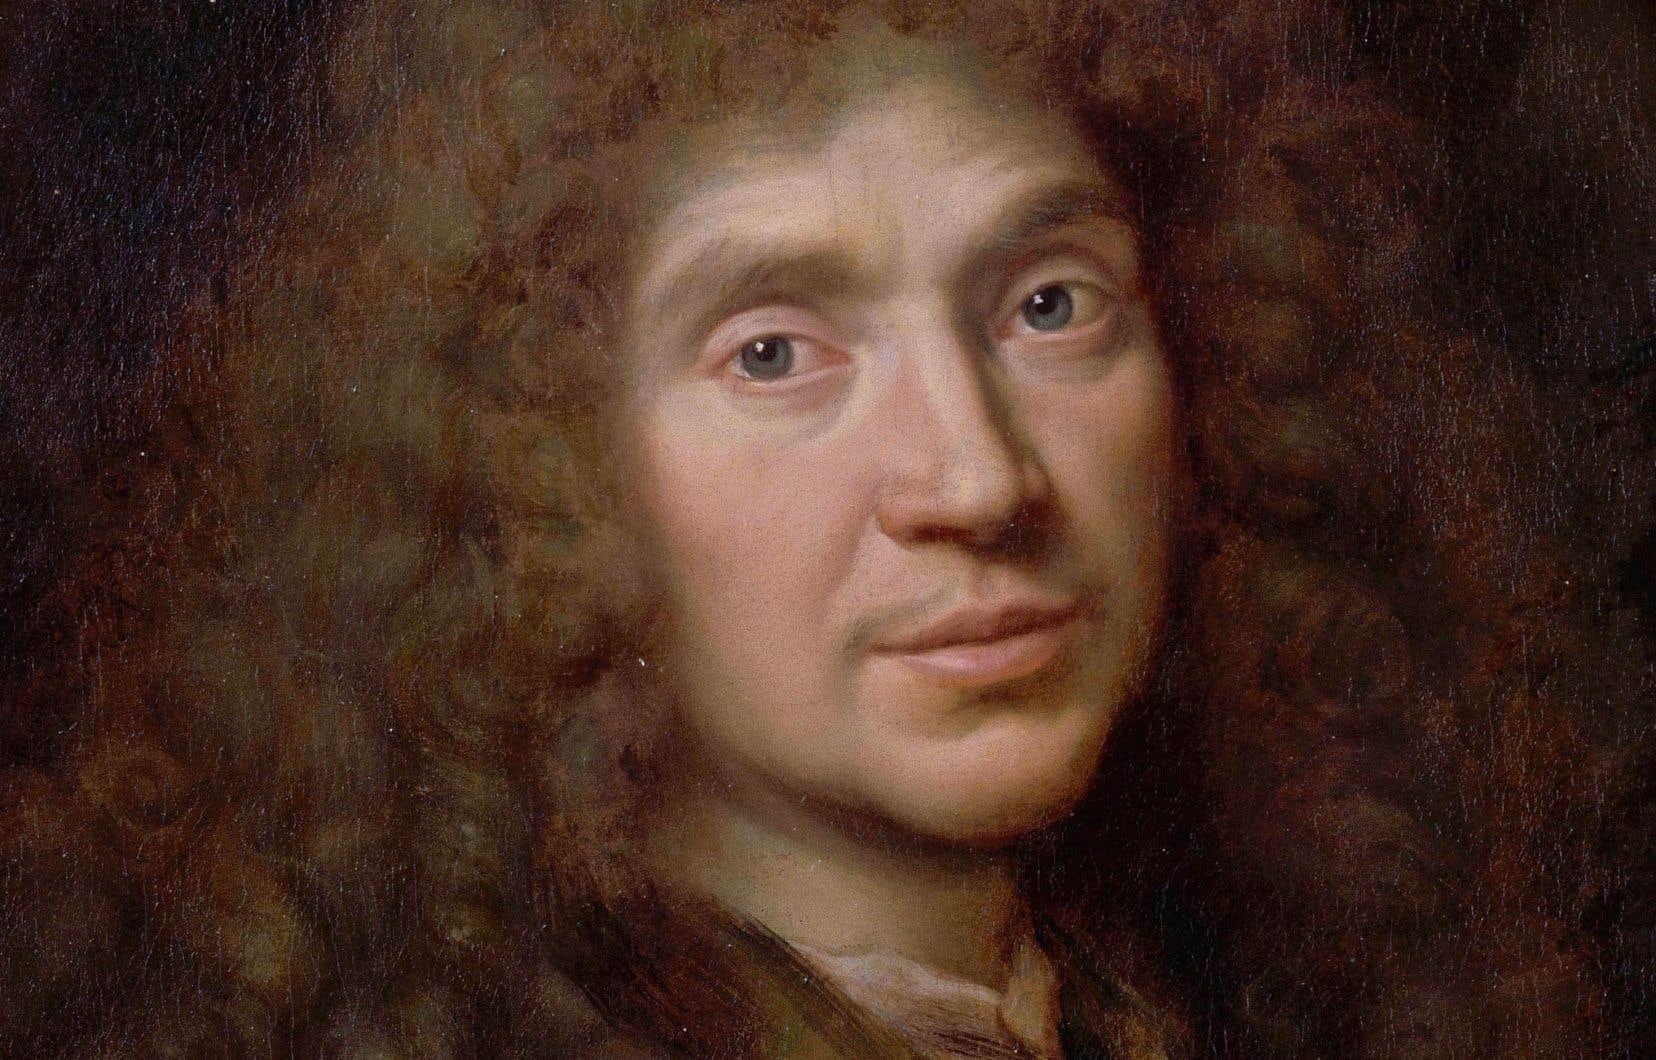 Le dramaturgeJean-Baptiste Poquelin, dit Molière